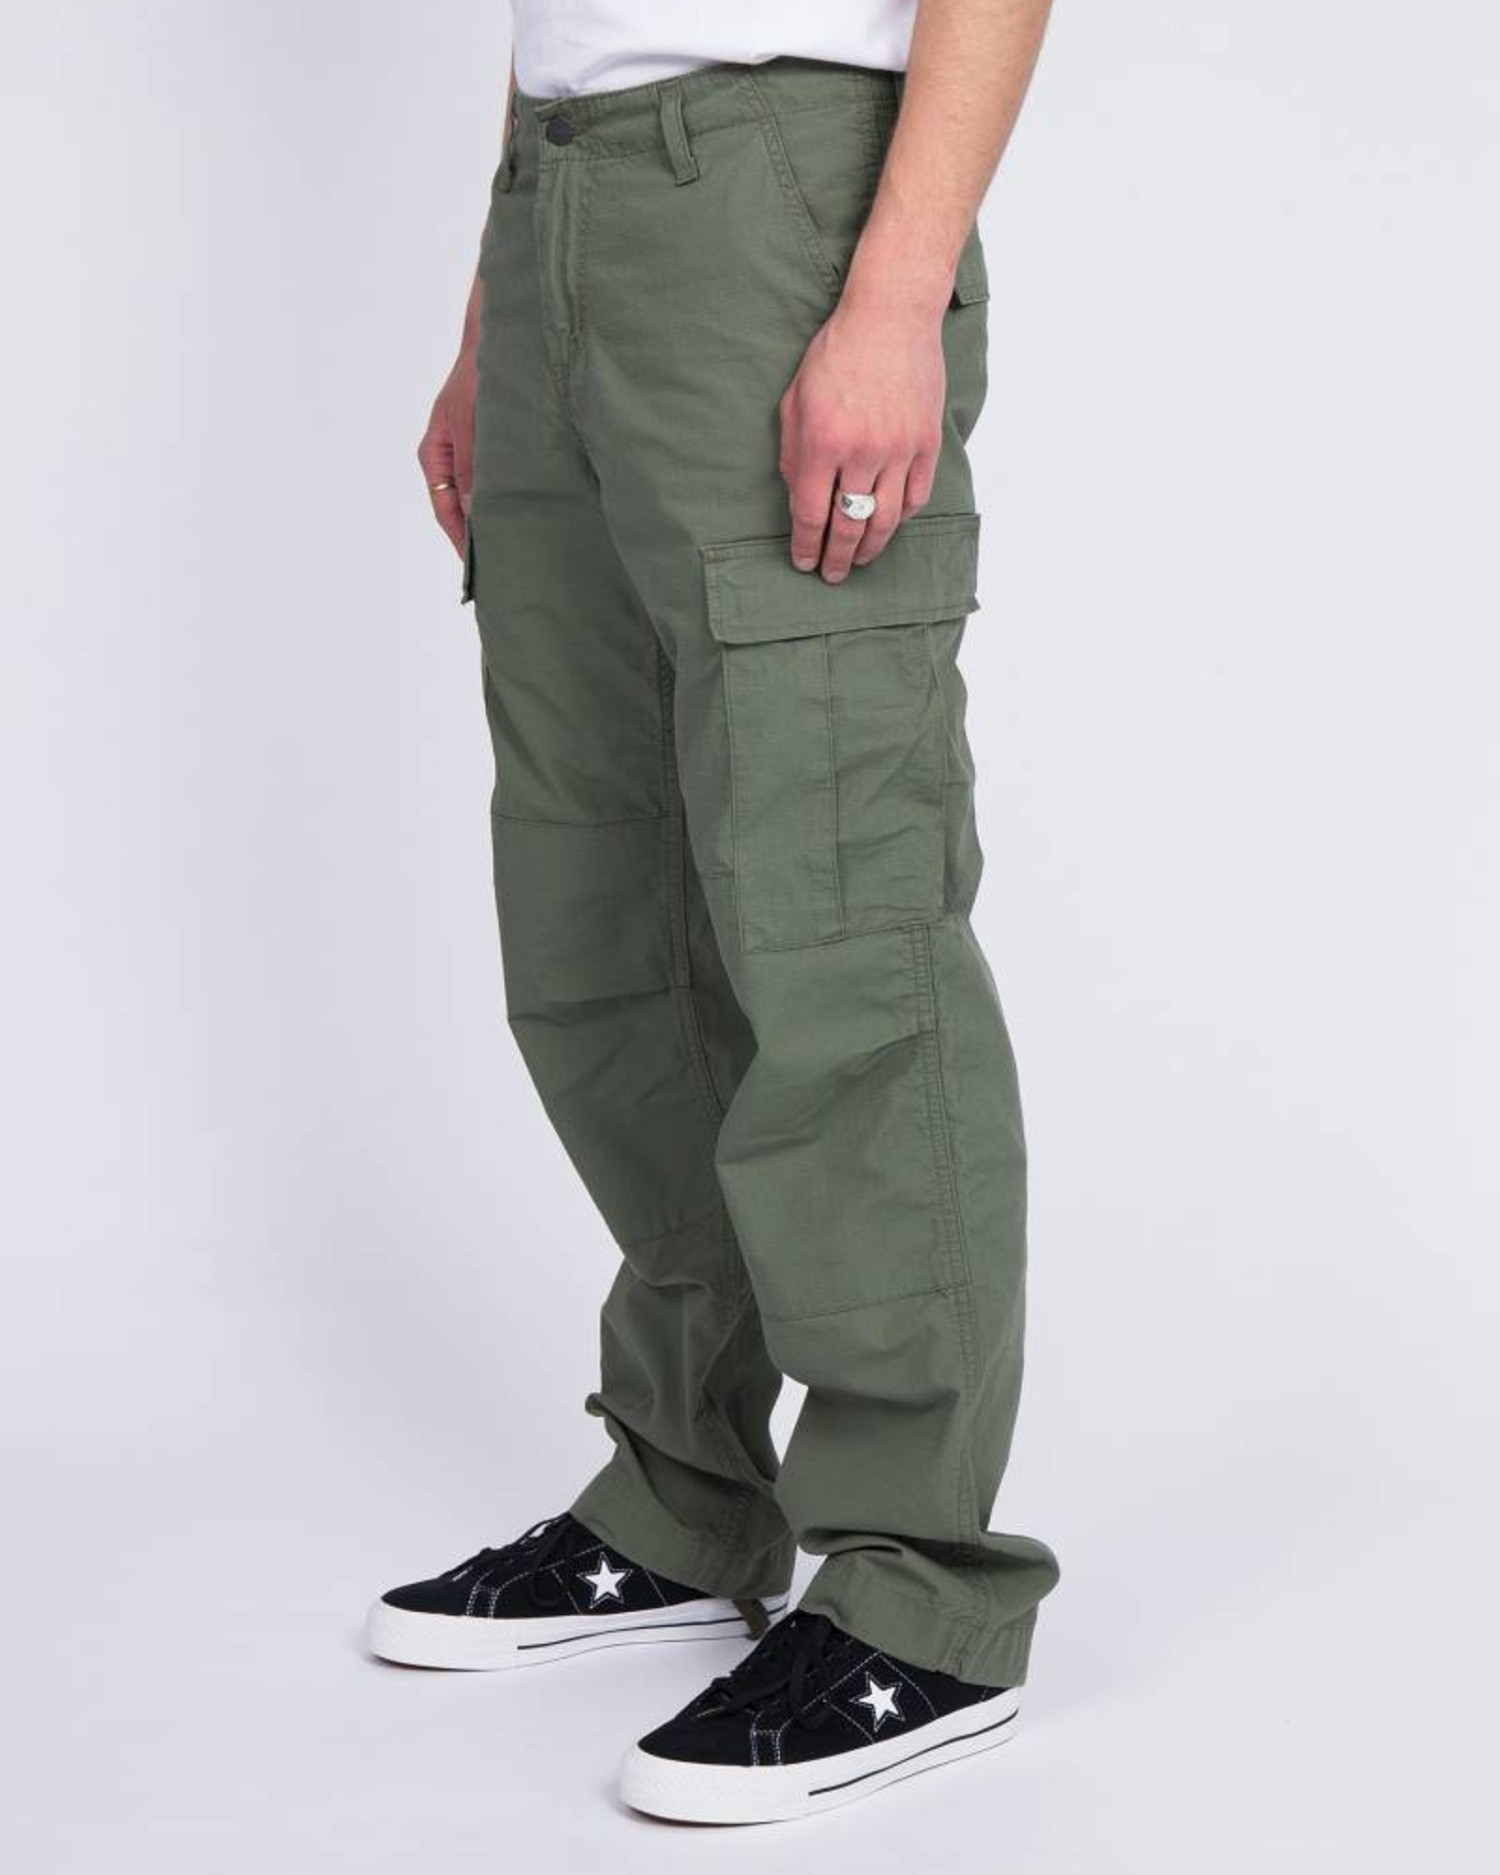 Carhartt Regular Cargo Pants Dollar Green Rinsed